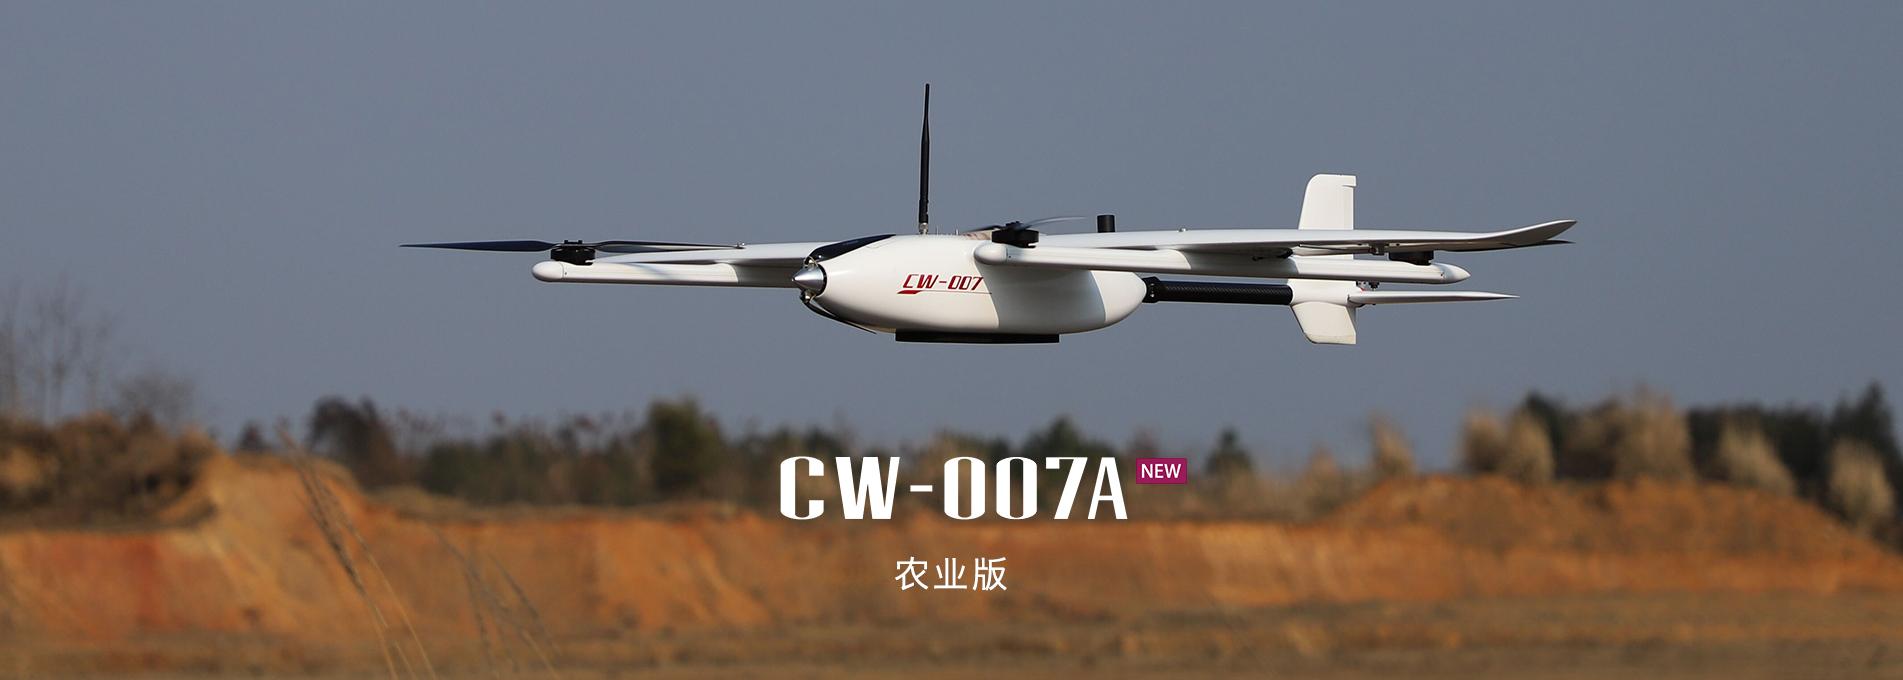 纵横大鹏CW-007A农业版垂直起降固定翼无人机_农业